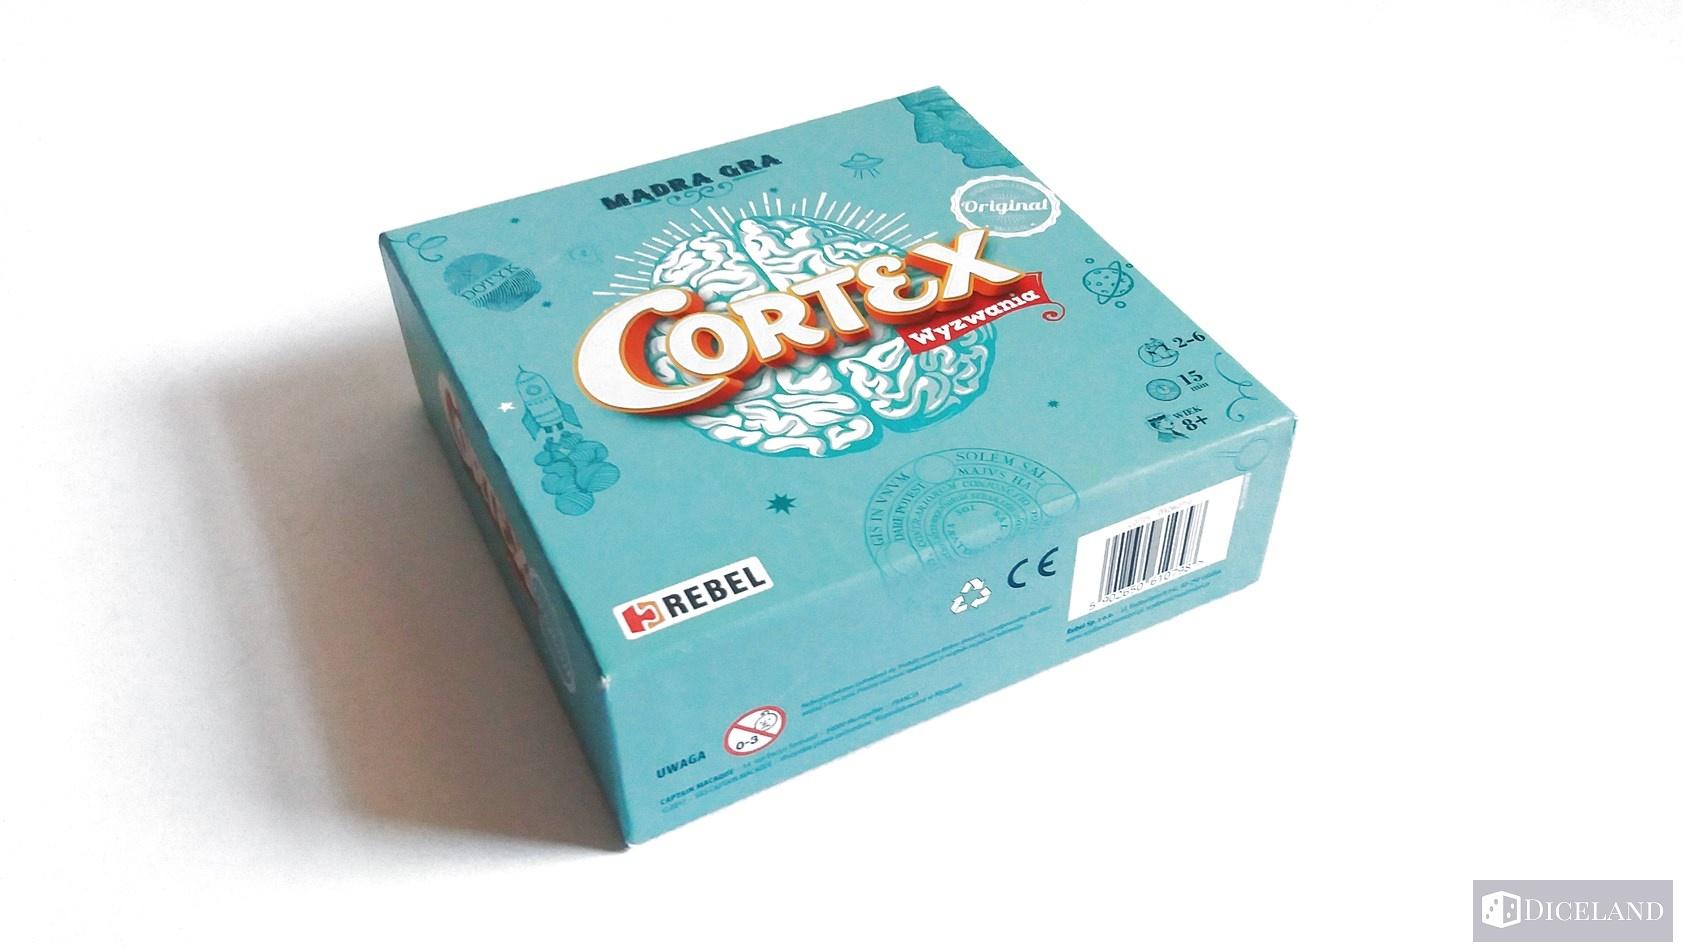 Cortex 1 Recenzja #25 Cortex: Wyzwania